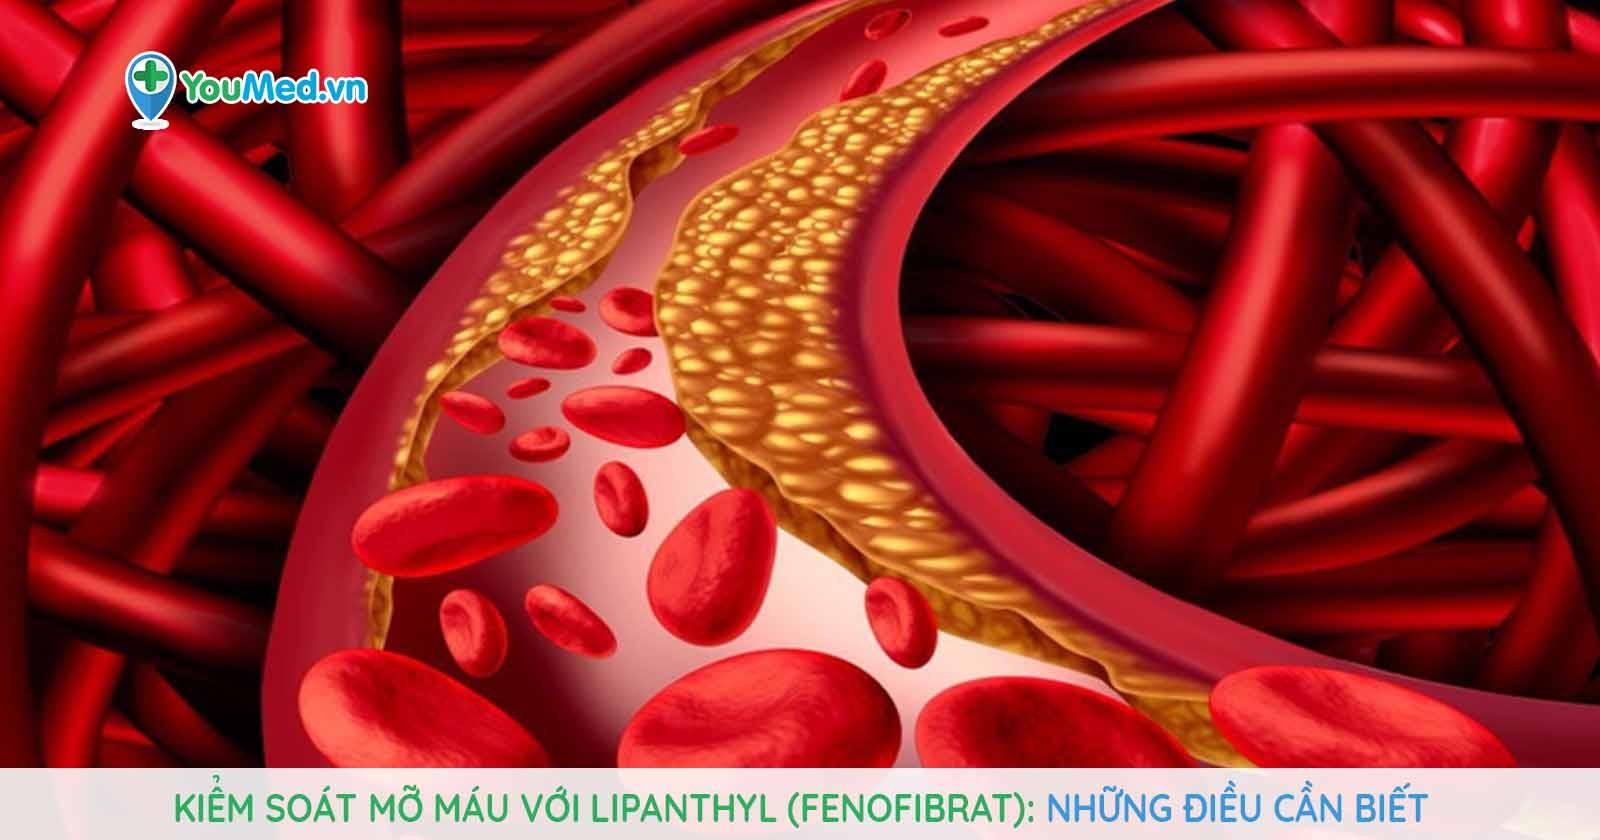 Kiểm soát mỡ máu với Lipanthyl (fenofibrat): Những điều cần biết